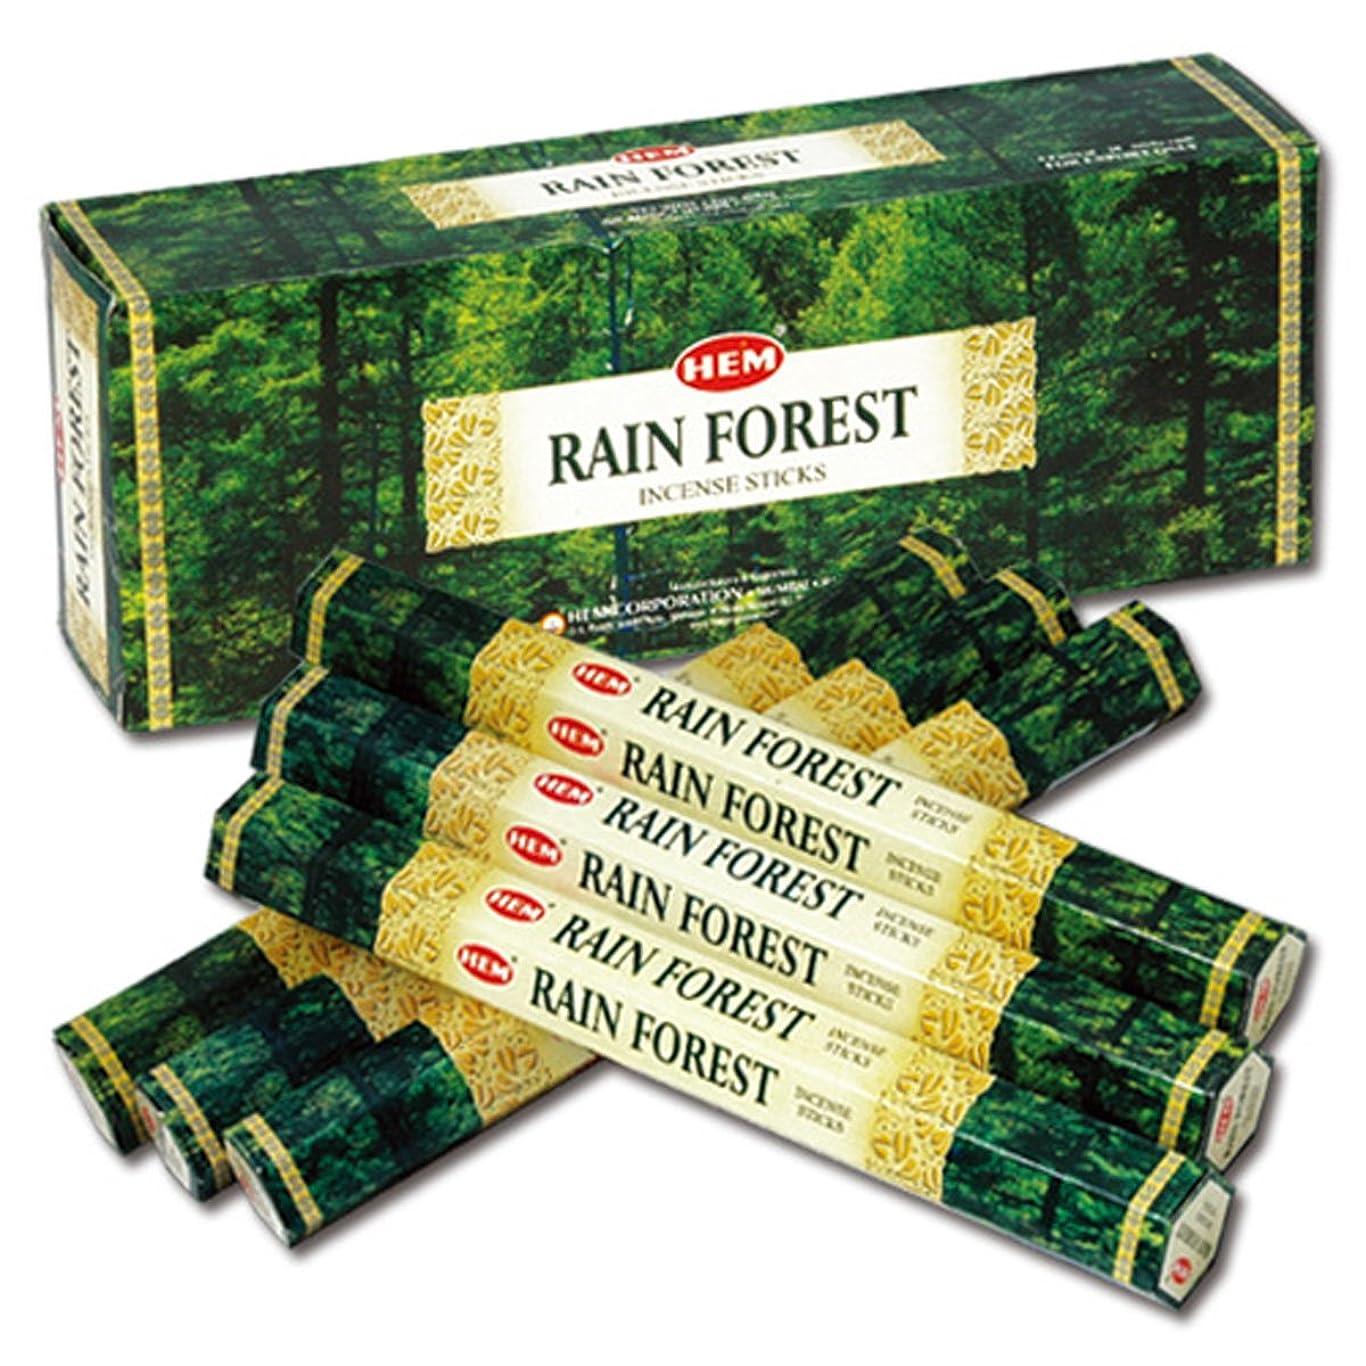 見落とす引退する穀物HEM(ヘム) レインフォレスト RAIN FOREST スティックタイプ お香 6筒 セット [並行輸入品]